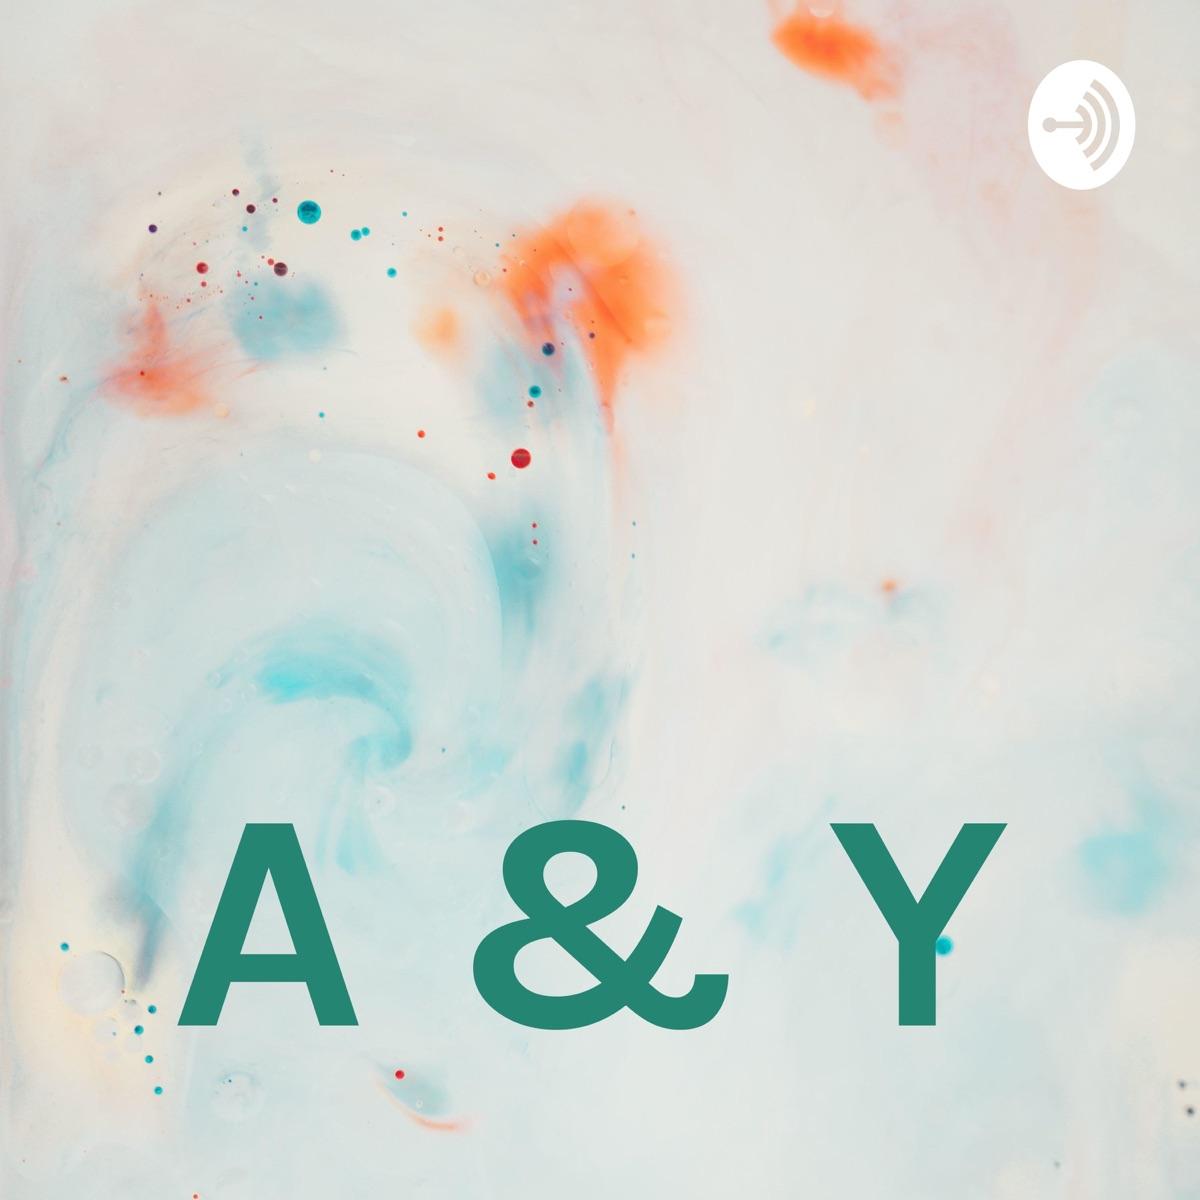 A & Y